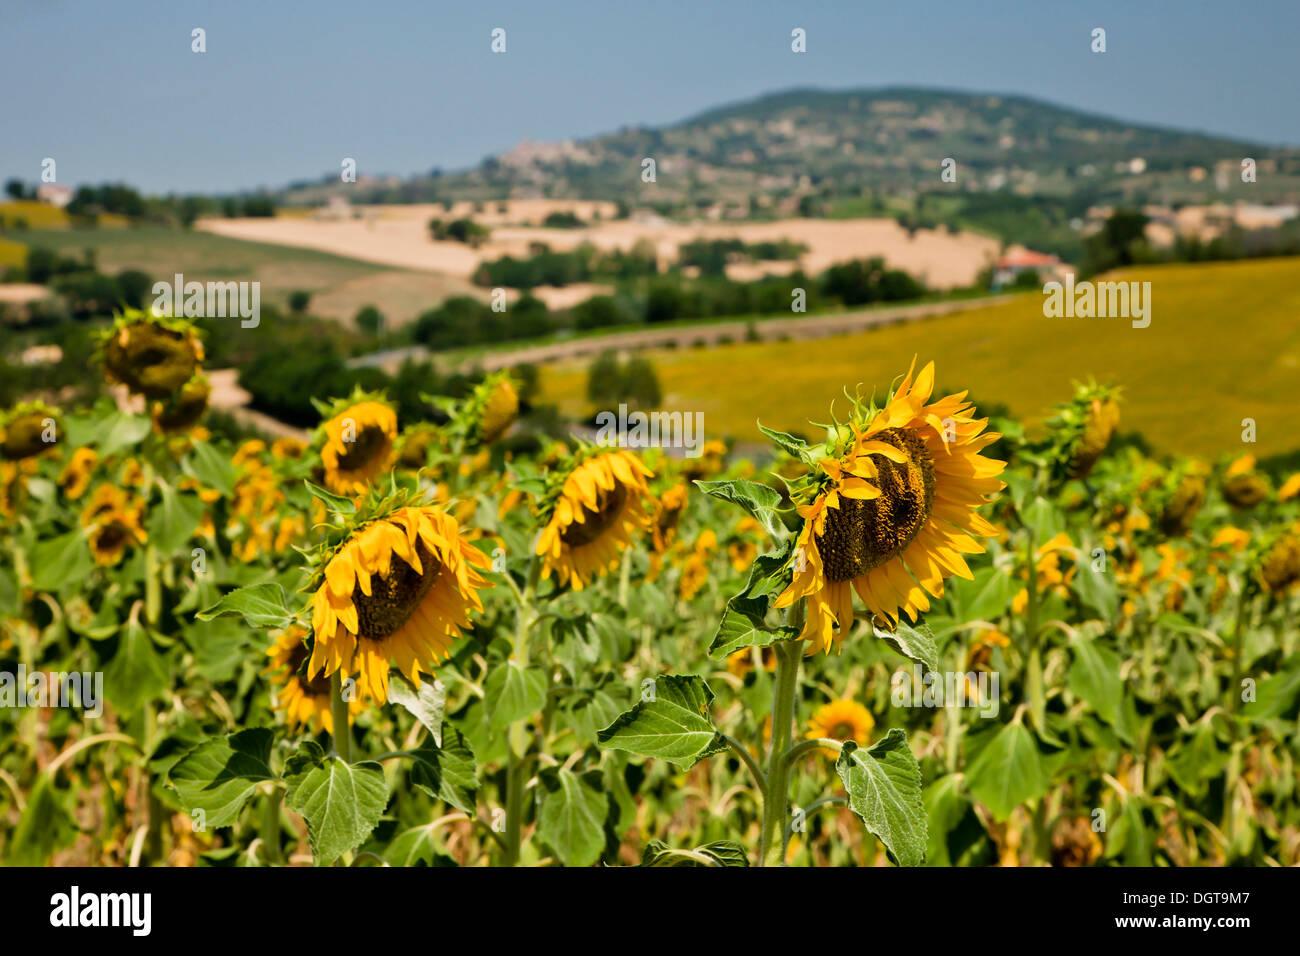 Paesaggio umbro con girasoli, Umbria, Italia Foto & Immagine ...